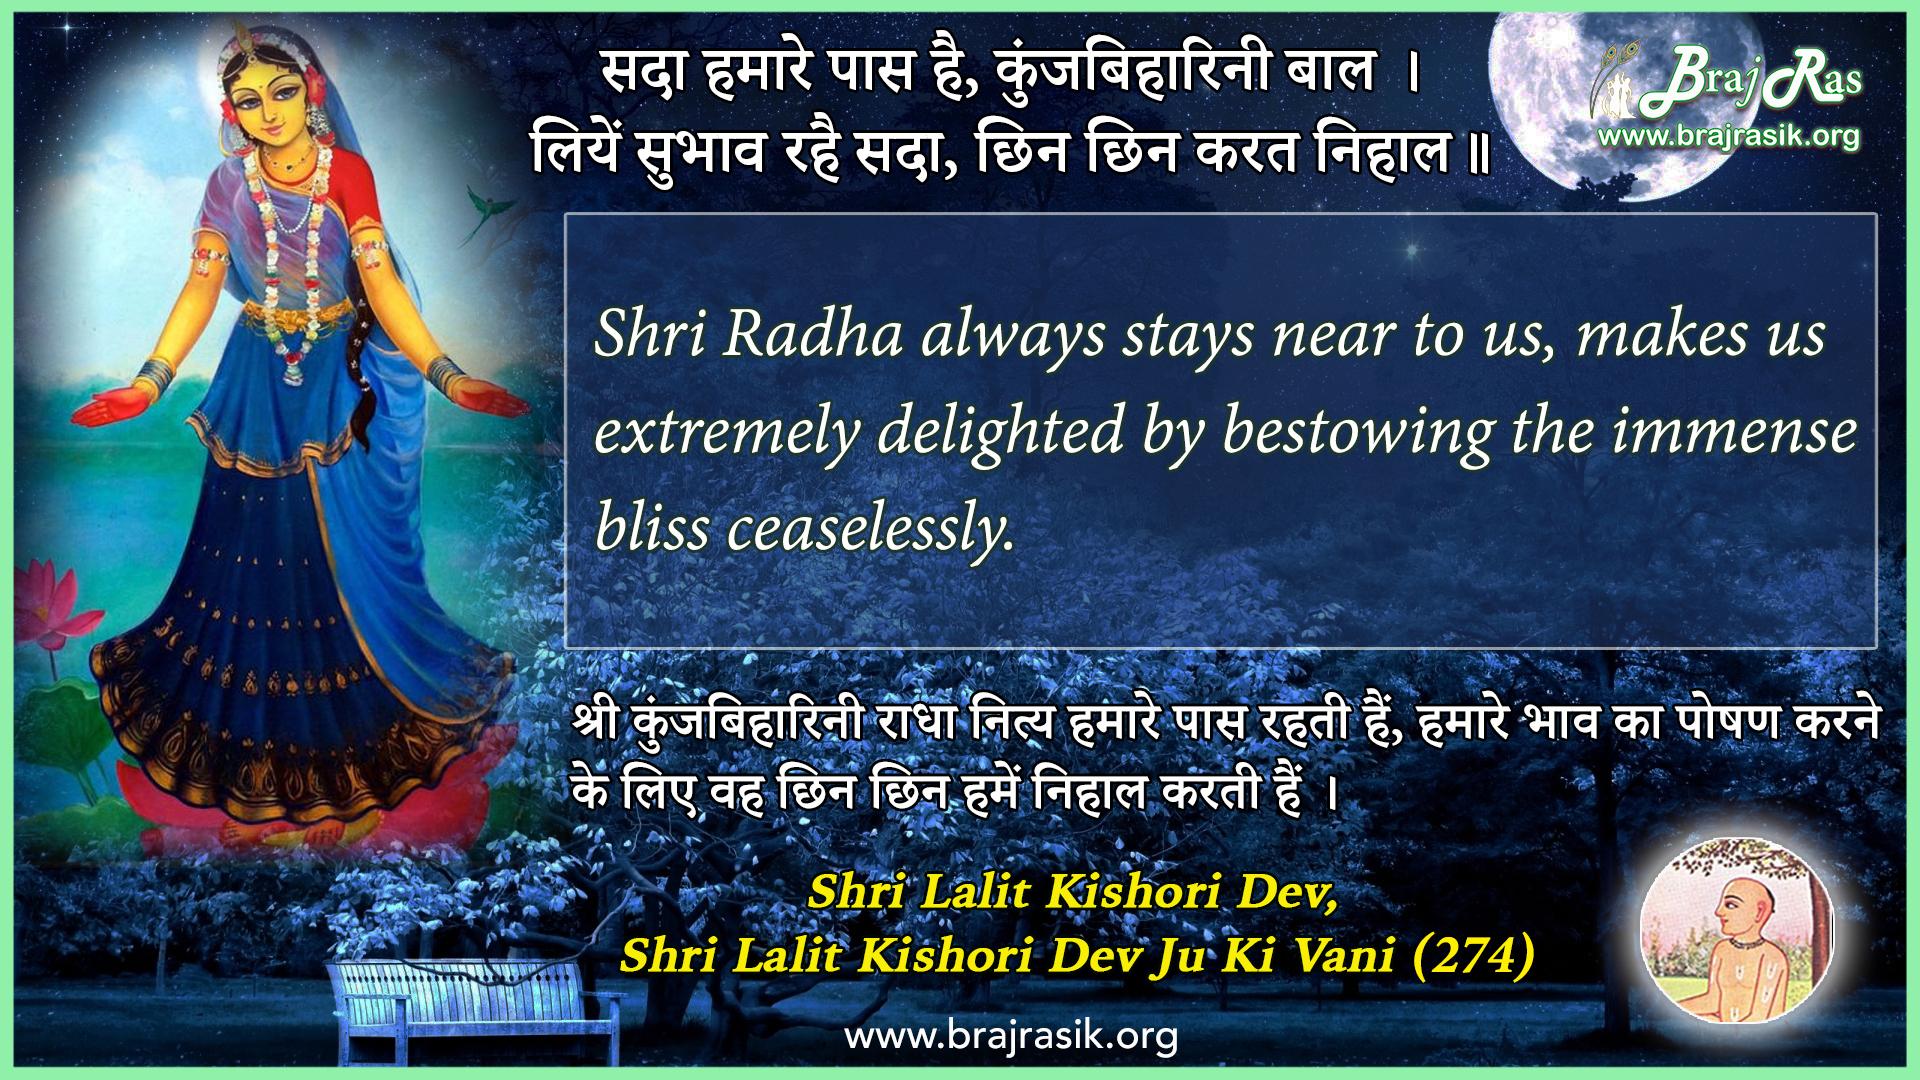 Sada Humare Paas Hai, Kunjbiharini Bal - Shri Lalit Kishori Dev